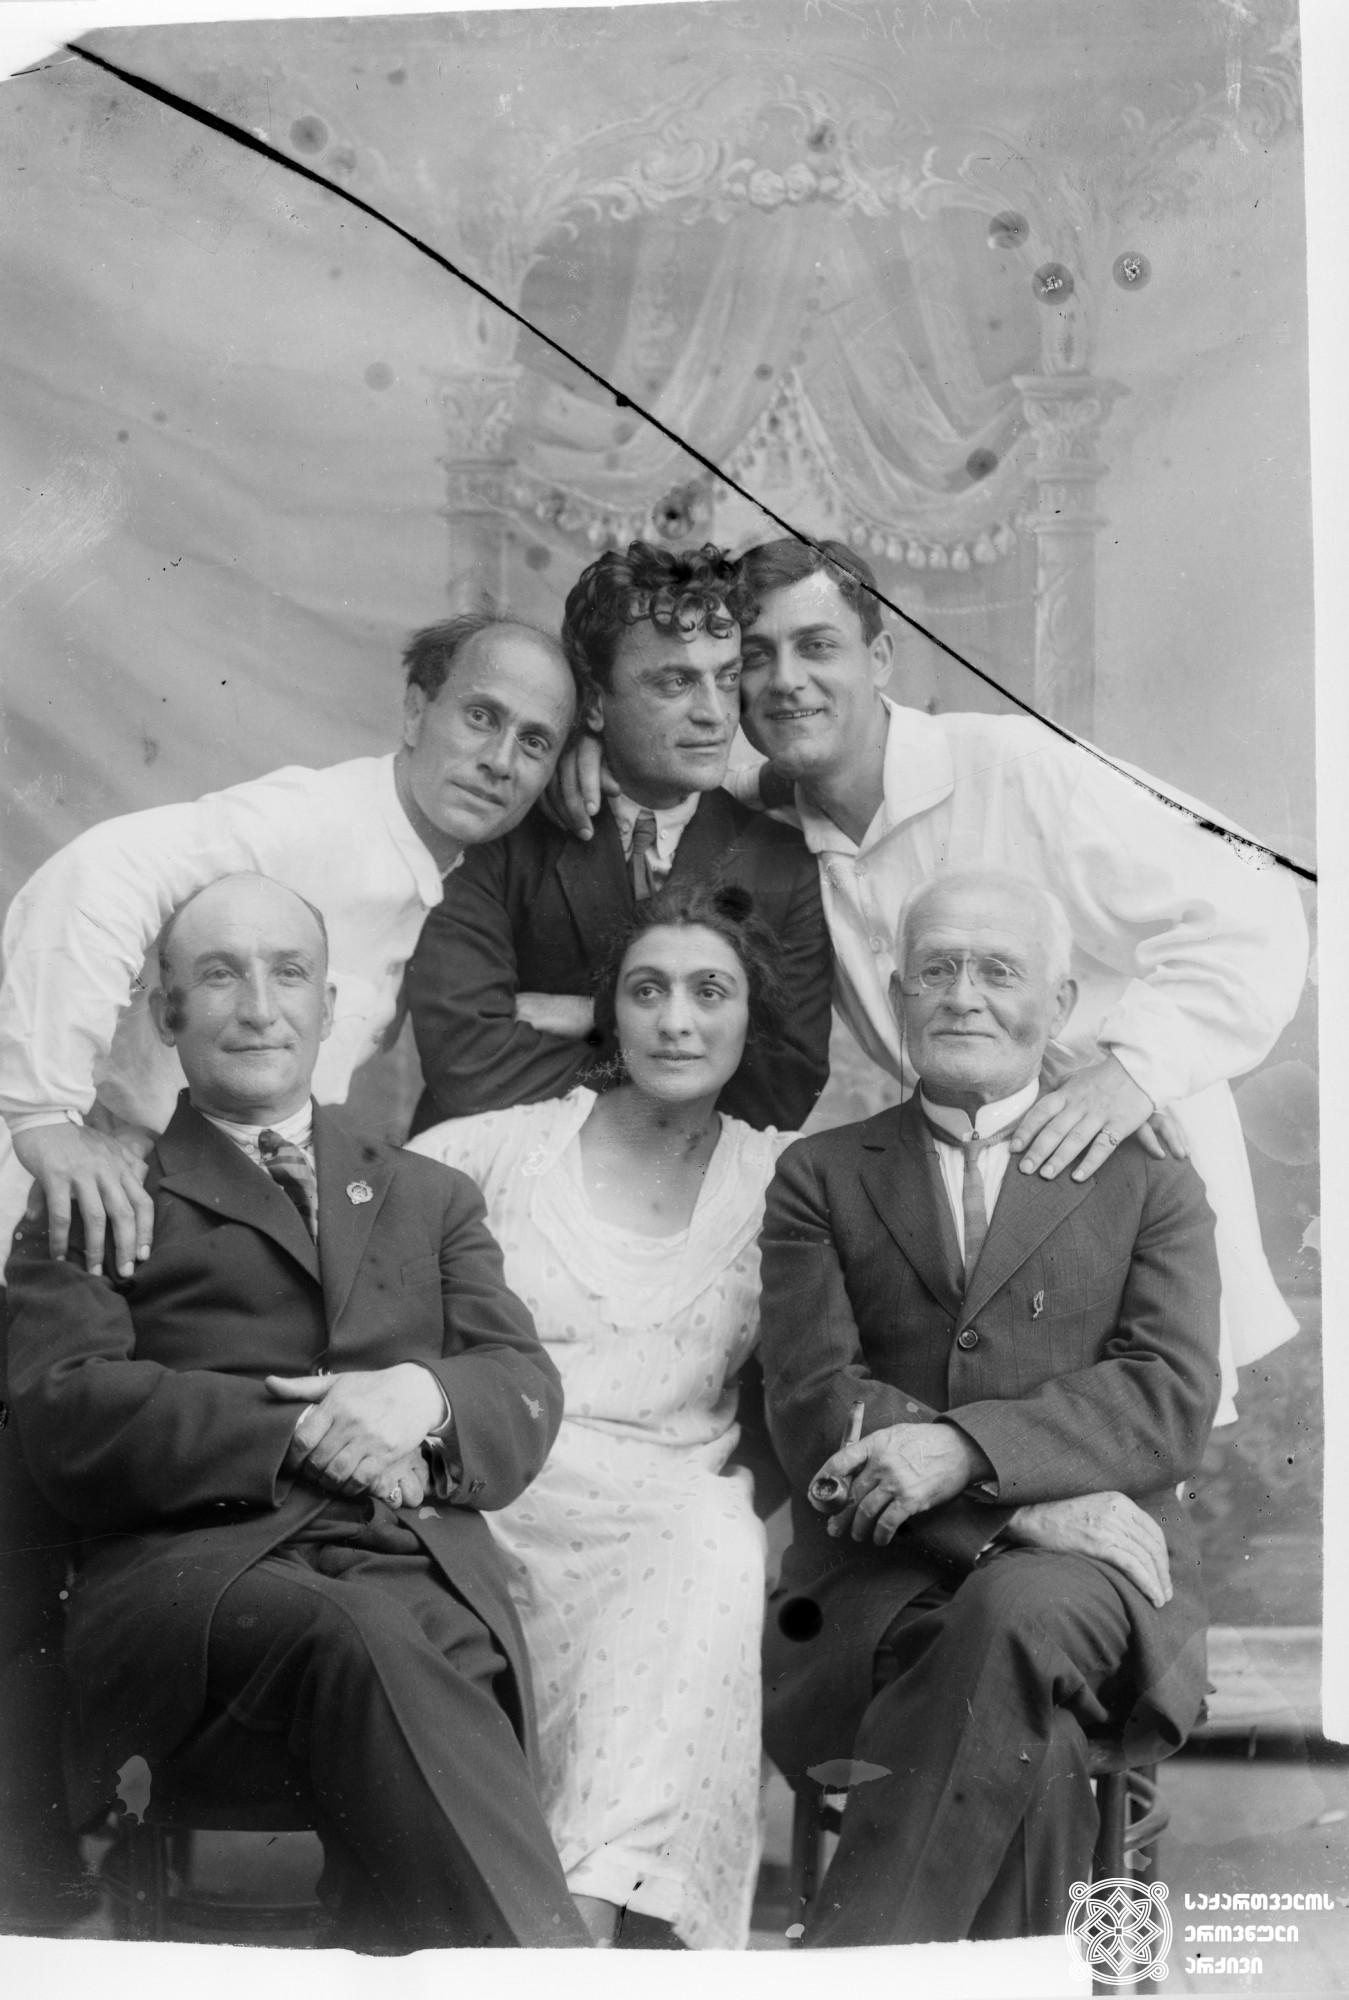 მარცხნიდან სხედან: ნიკო გოცირიძე, თამარ ჭავჭავაძე, ნემო; დგანან: აკაკი ხორავა, ალექსანდრე ახმეტელი, დ. ჩხეიძე. <br> მინის ნეგატივი 12X16. <br> Seated from the left: Niko Gotsiridze, Tamar Chavchavadze, Nemo; Standing: Akaki Khorava, Alexander Akhmeteli, d. Chkheidze. <br> Glass negative 12X16. <br>